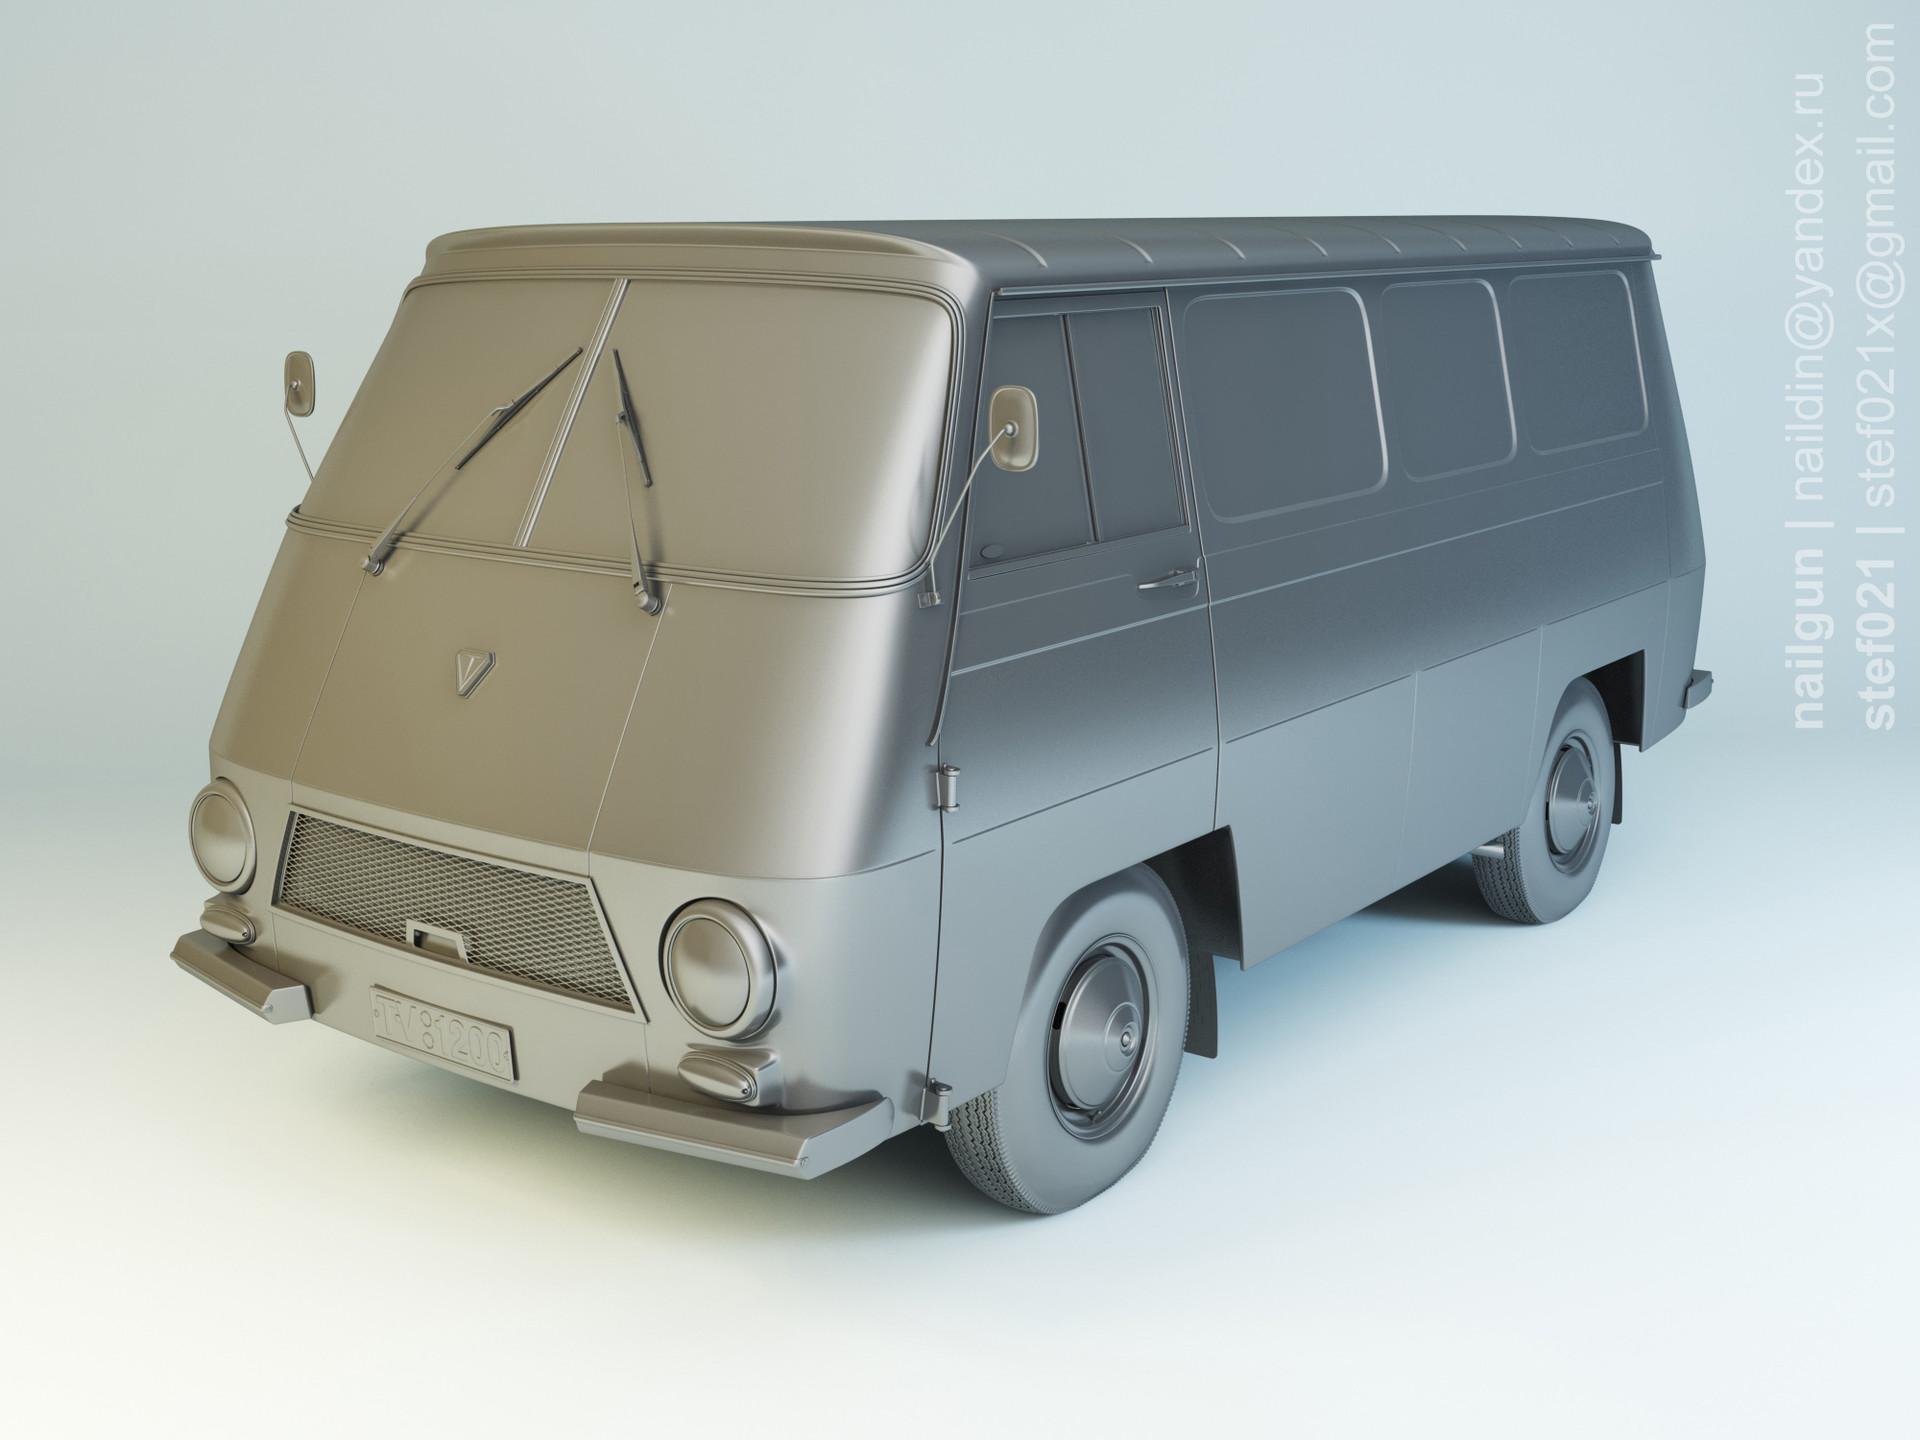 Nail khusnutdinov als 180 001 rocar tv41 modelling 0